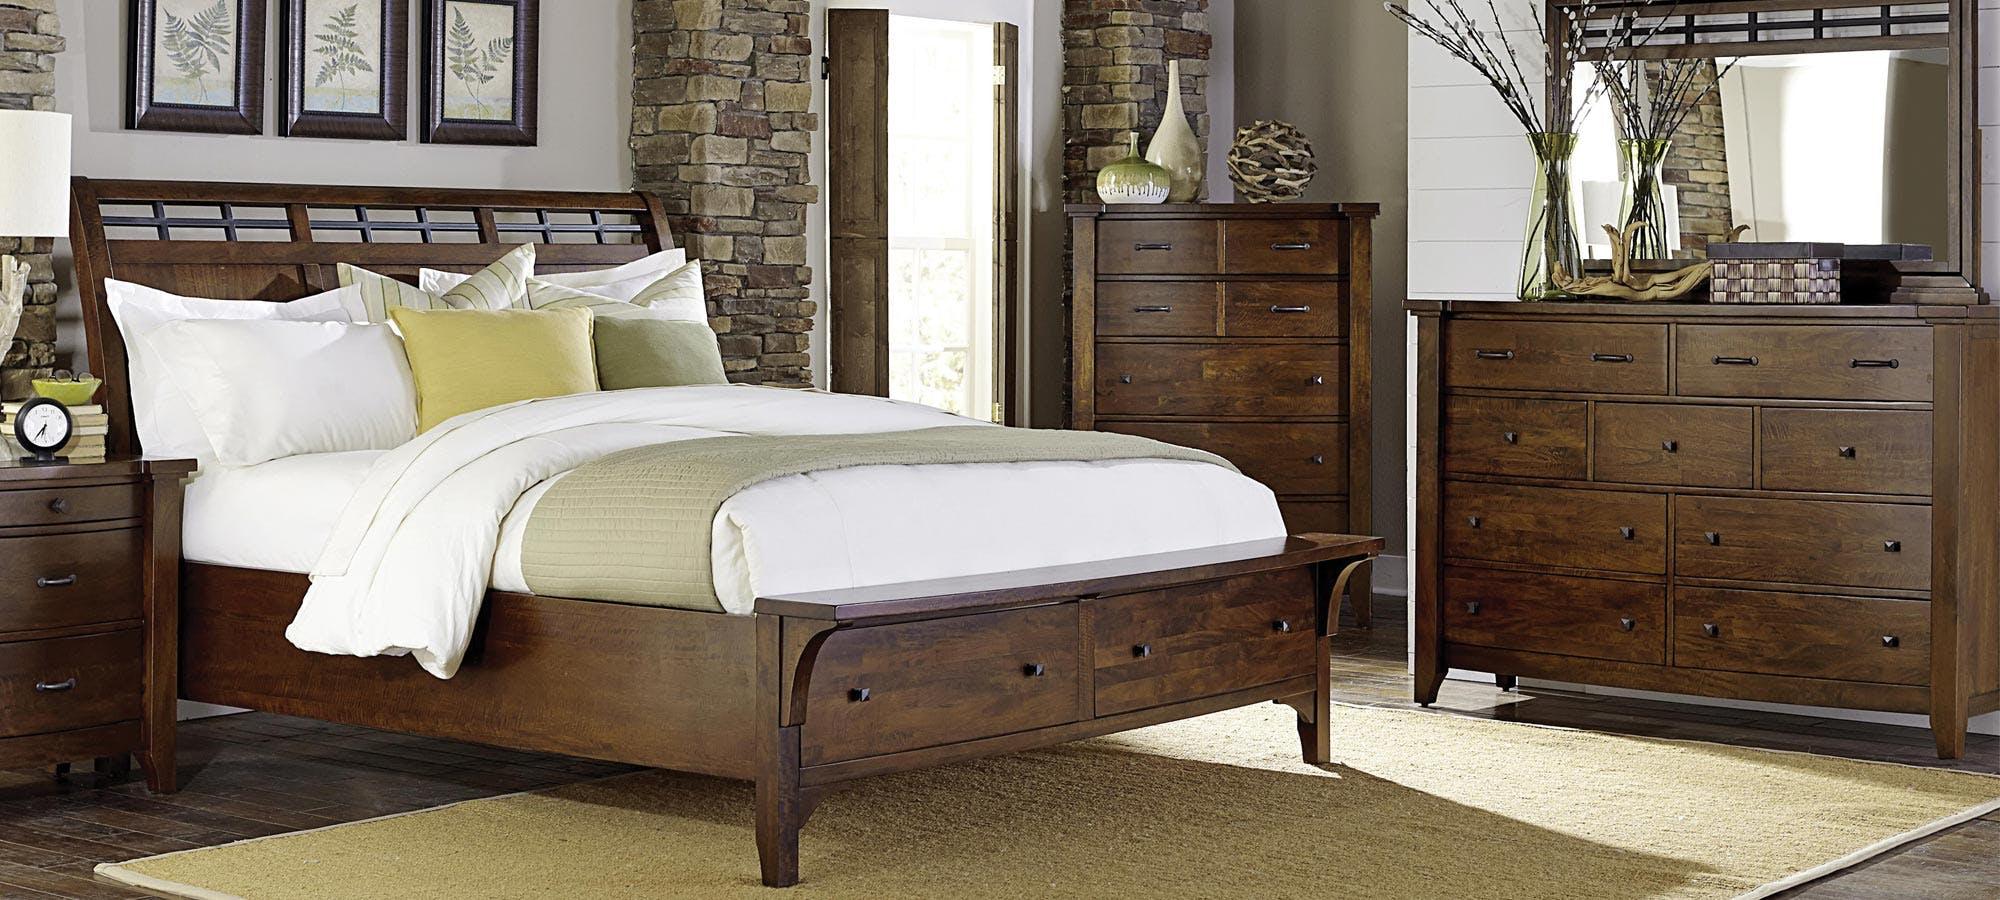 shop for bedroom furniture in cincinnati and dayton oh best quality bedroom furniture brands